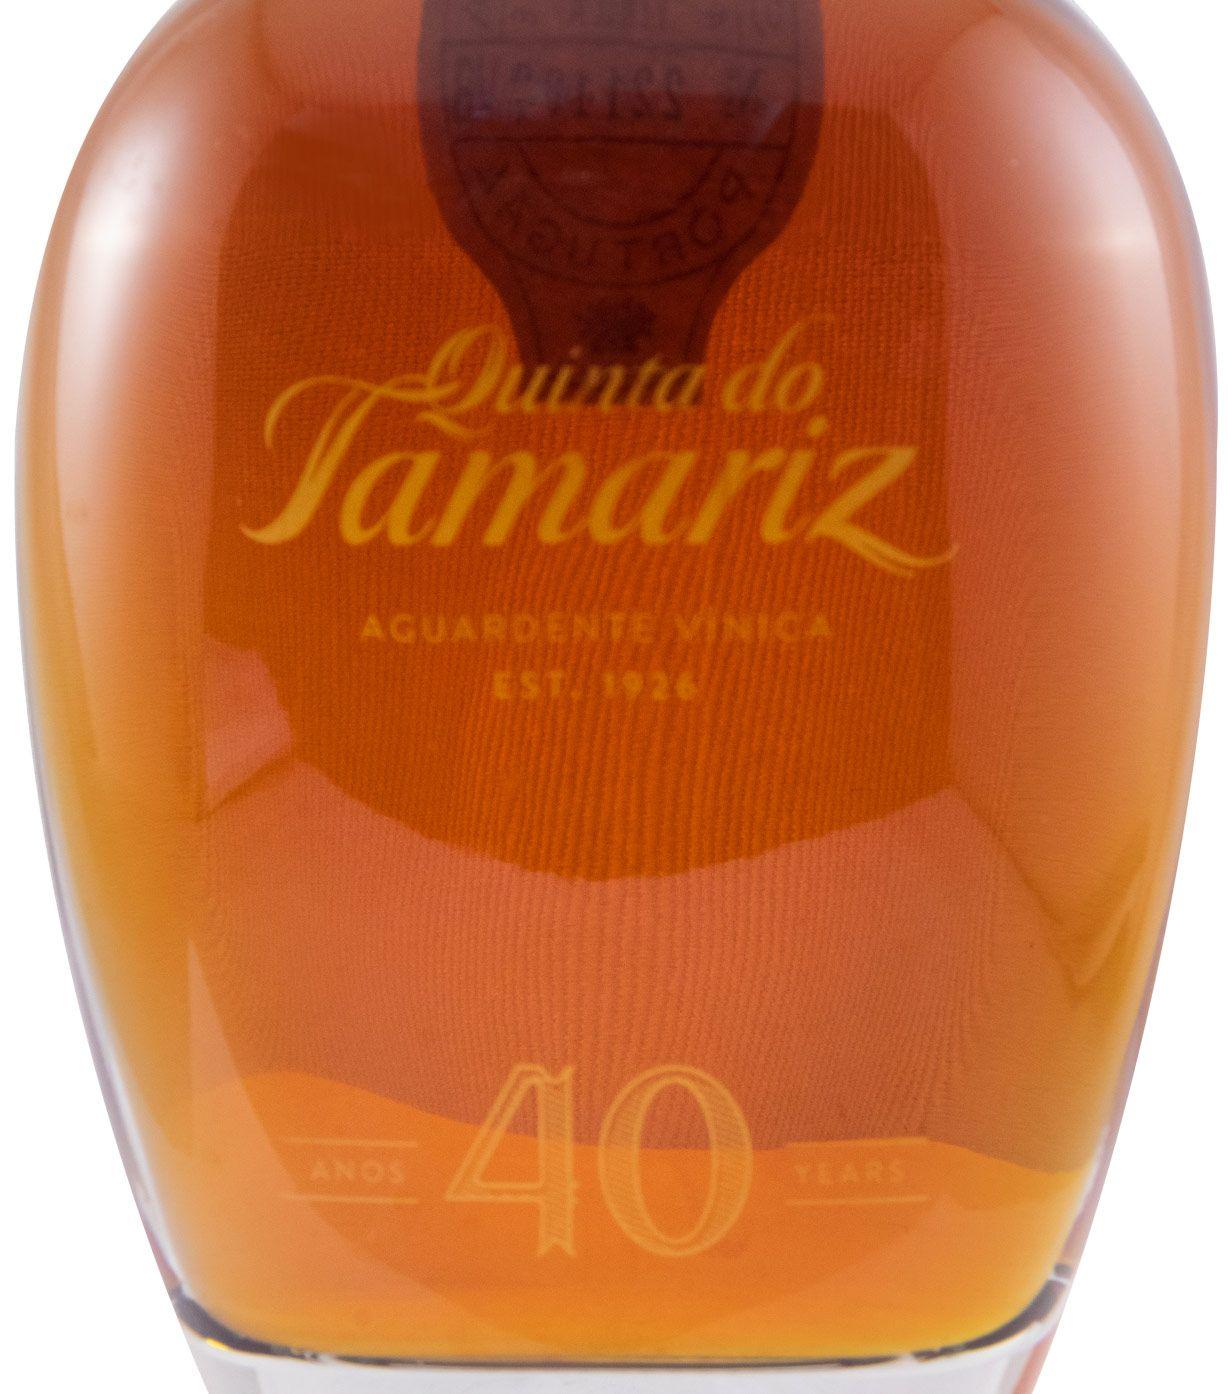 Aguardente Vínica Quinta do Tamariz 40 anos